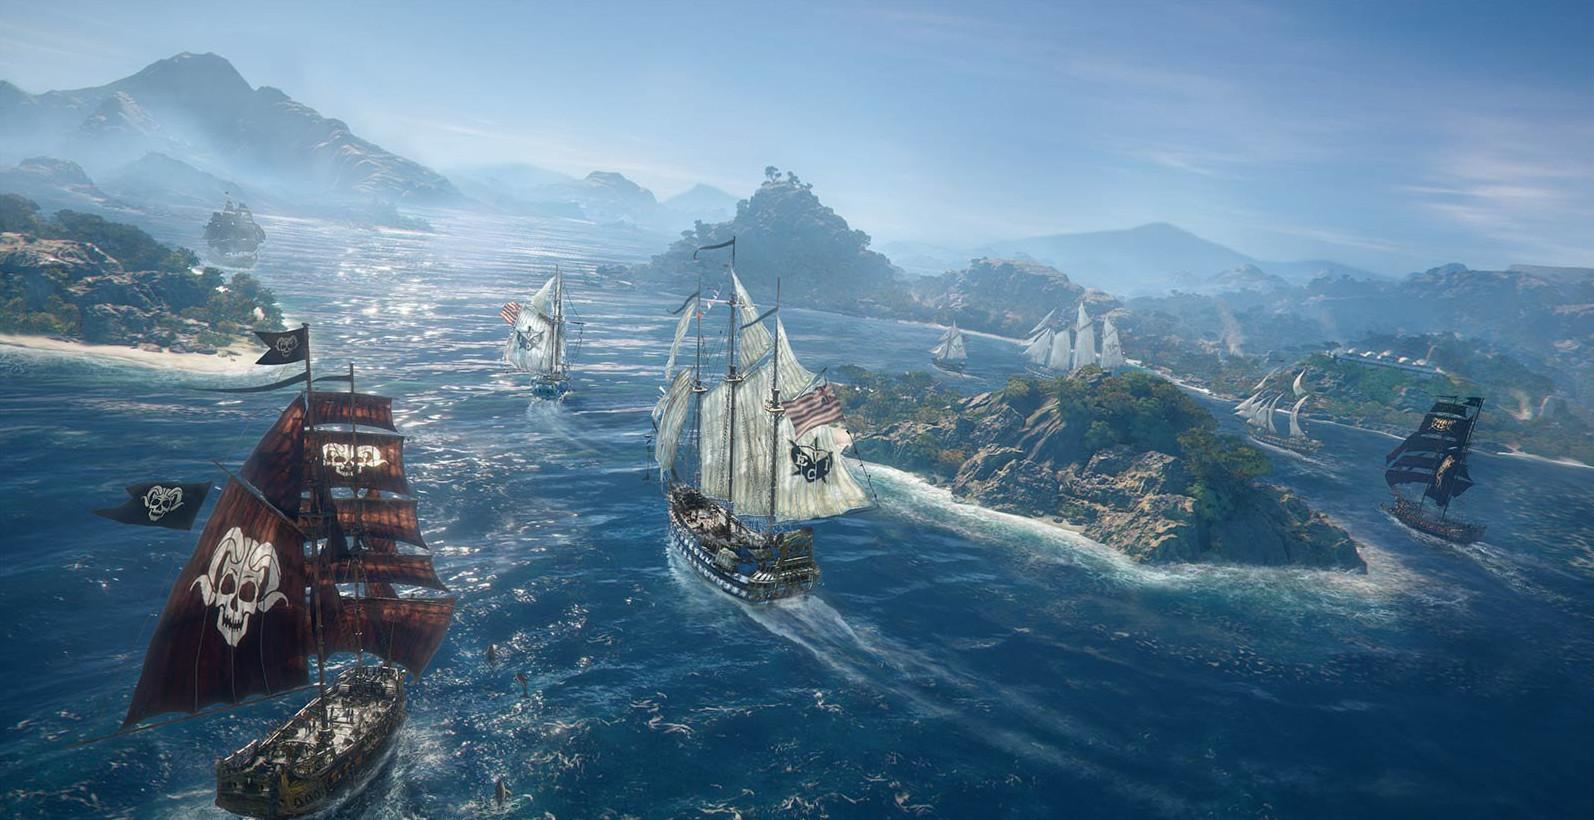 育碧游戏《碧海黑帆》再次跳票 预计2022-2023之间发售